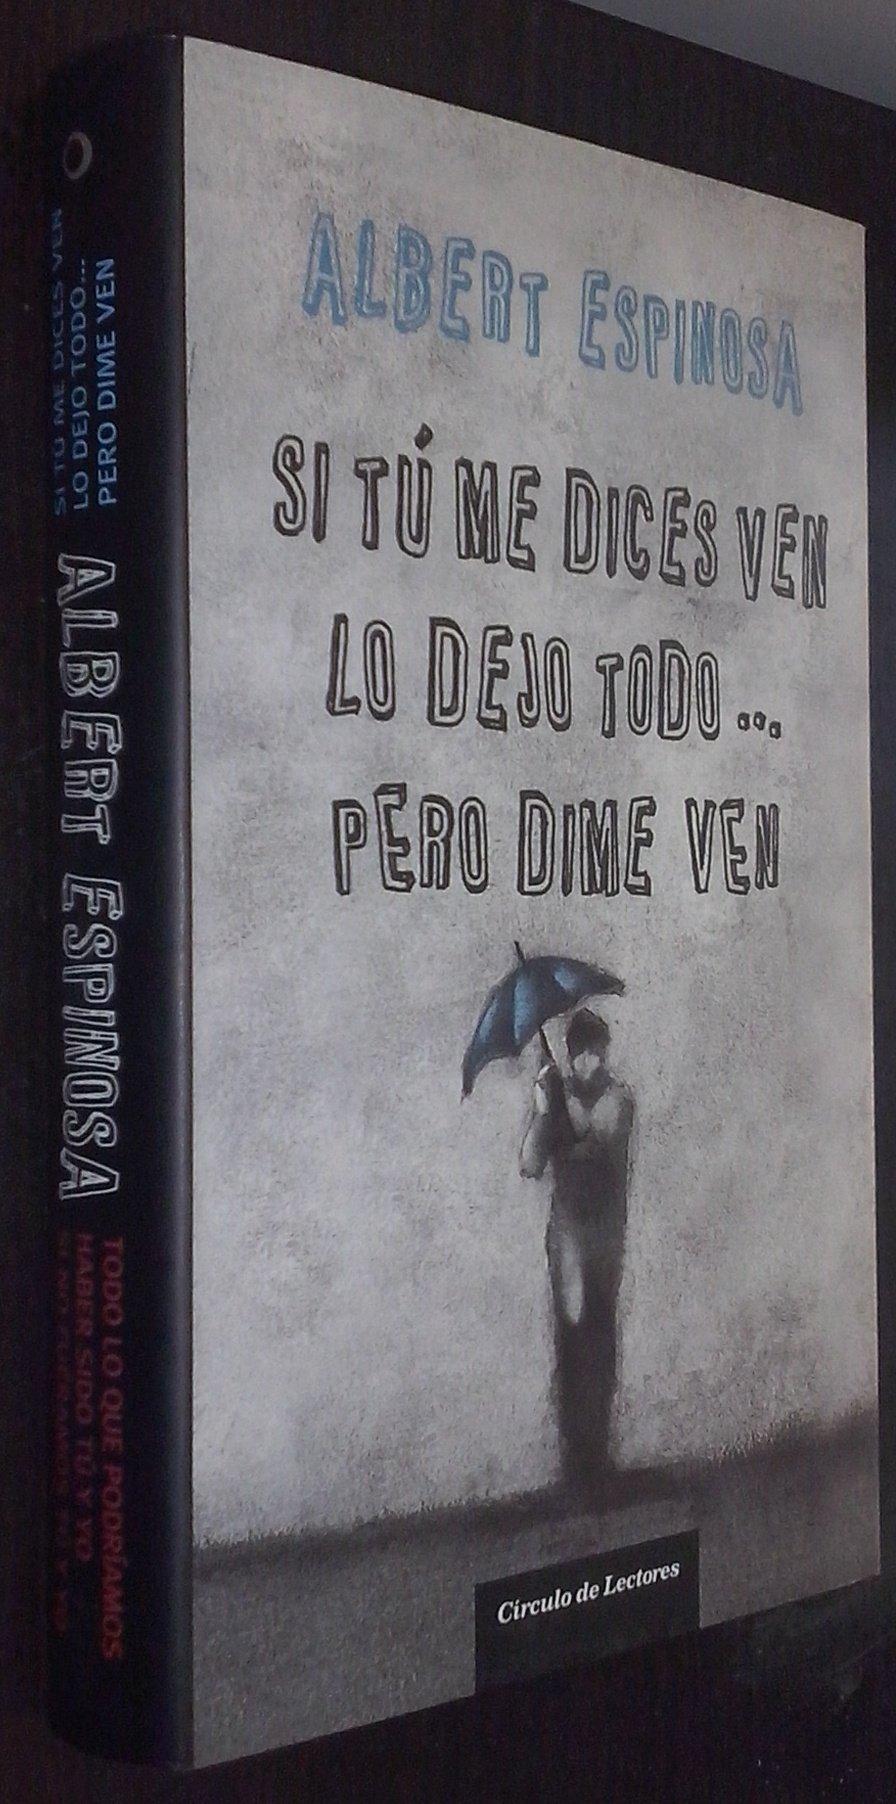 Si Tu Me Dices Ven Lo Dejo Todo Pero Dime Ven. Precio en dolares: ALBERT ESPINOSA, 1 TOMO: 9788467253276: Amazon.com: Books